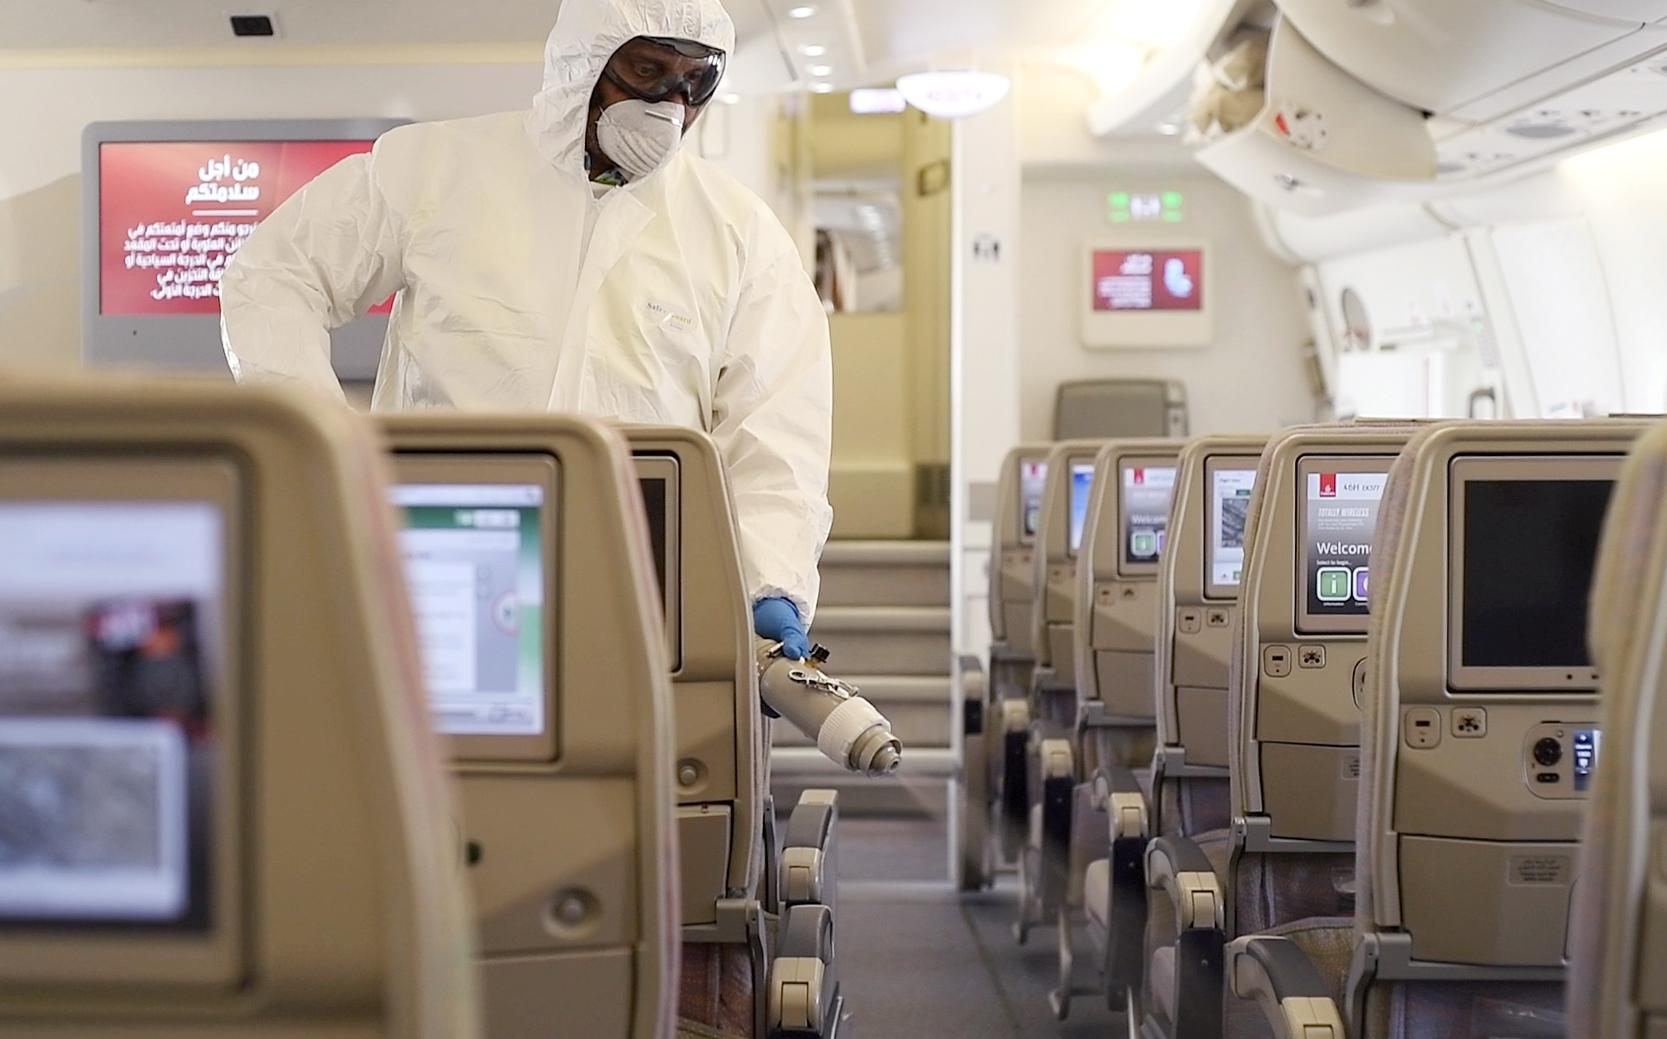 Hoteller, rejsebureauer og flyselskaber samt mange andre i rejsebranchen slås mod virkningerne i coronavirussen. Her pressefoto fra flyselskabet Emirates med ekstra grundig af selskabets fly.